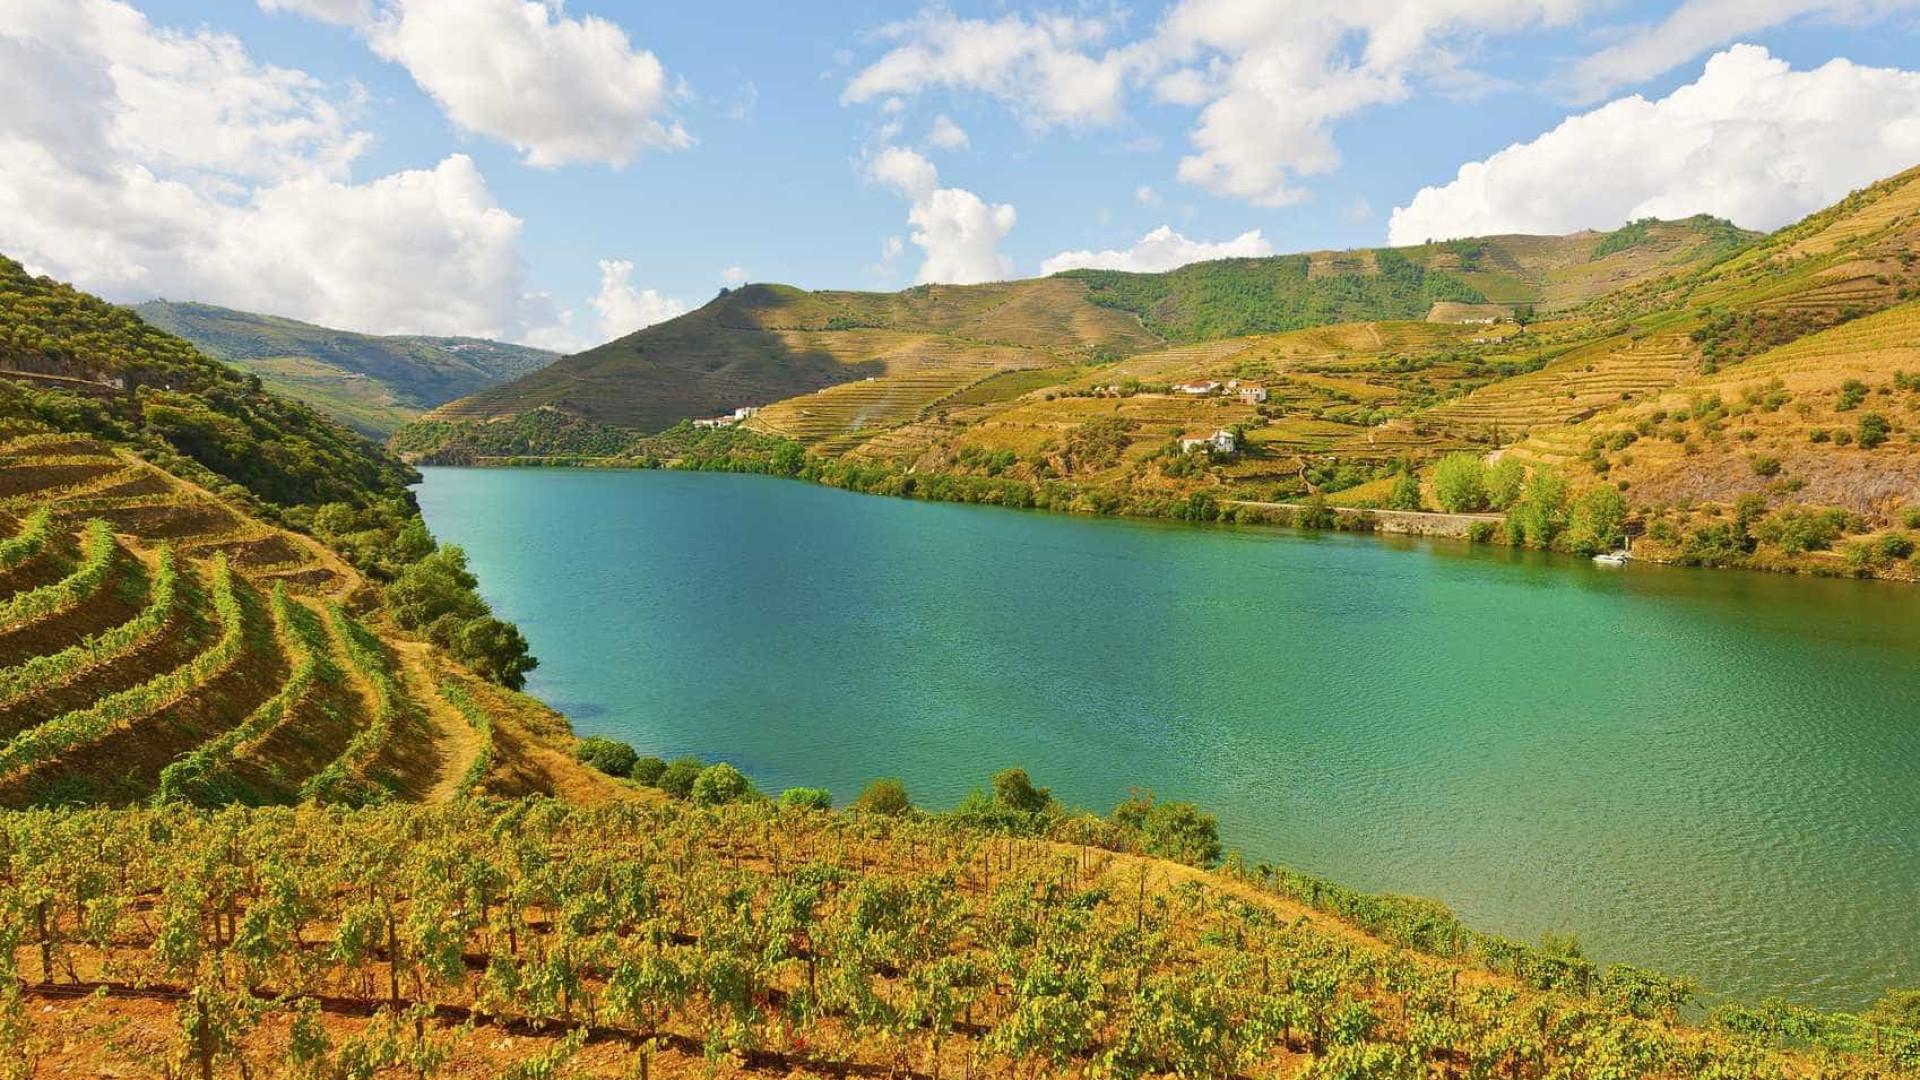 Está a ser um ano complicado de levar a uva ao lagar no Douro